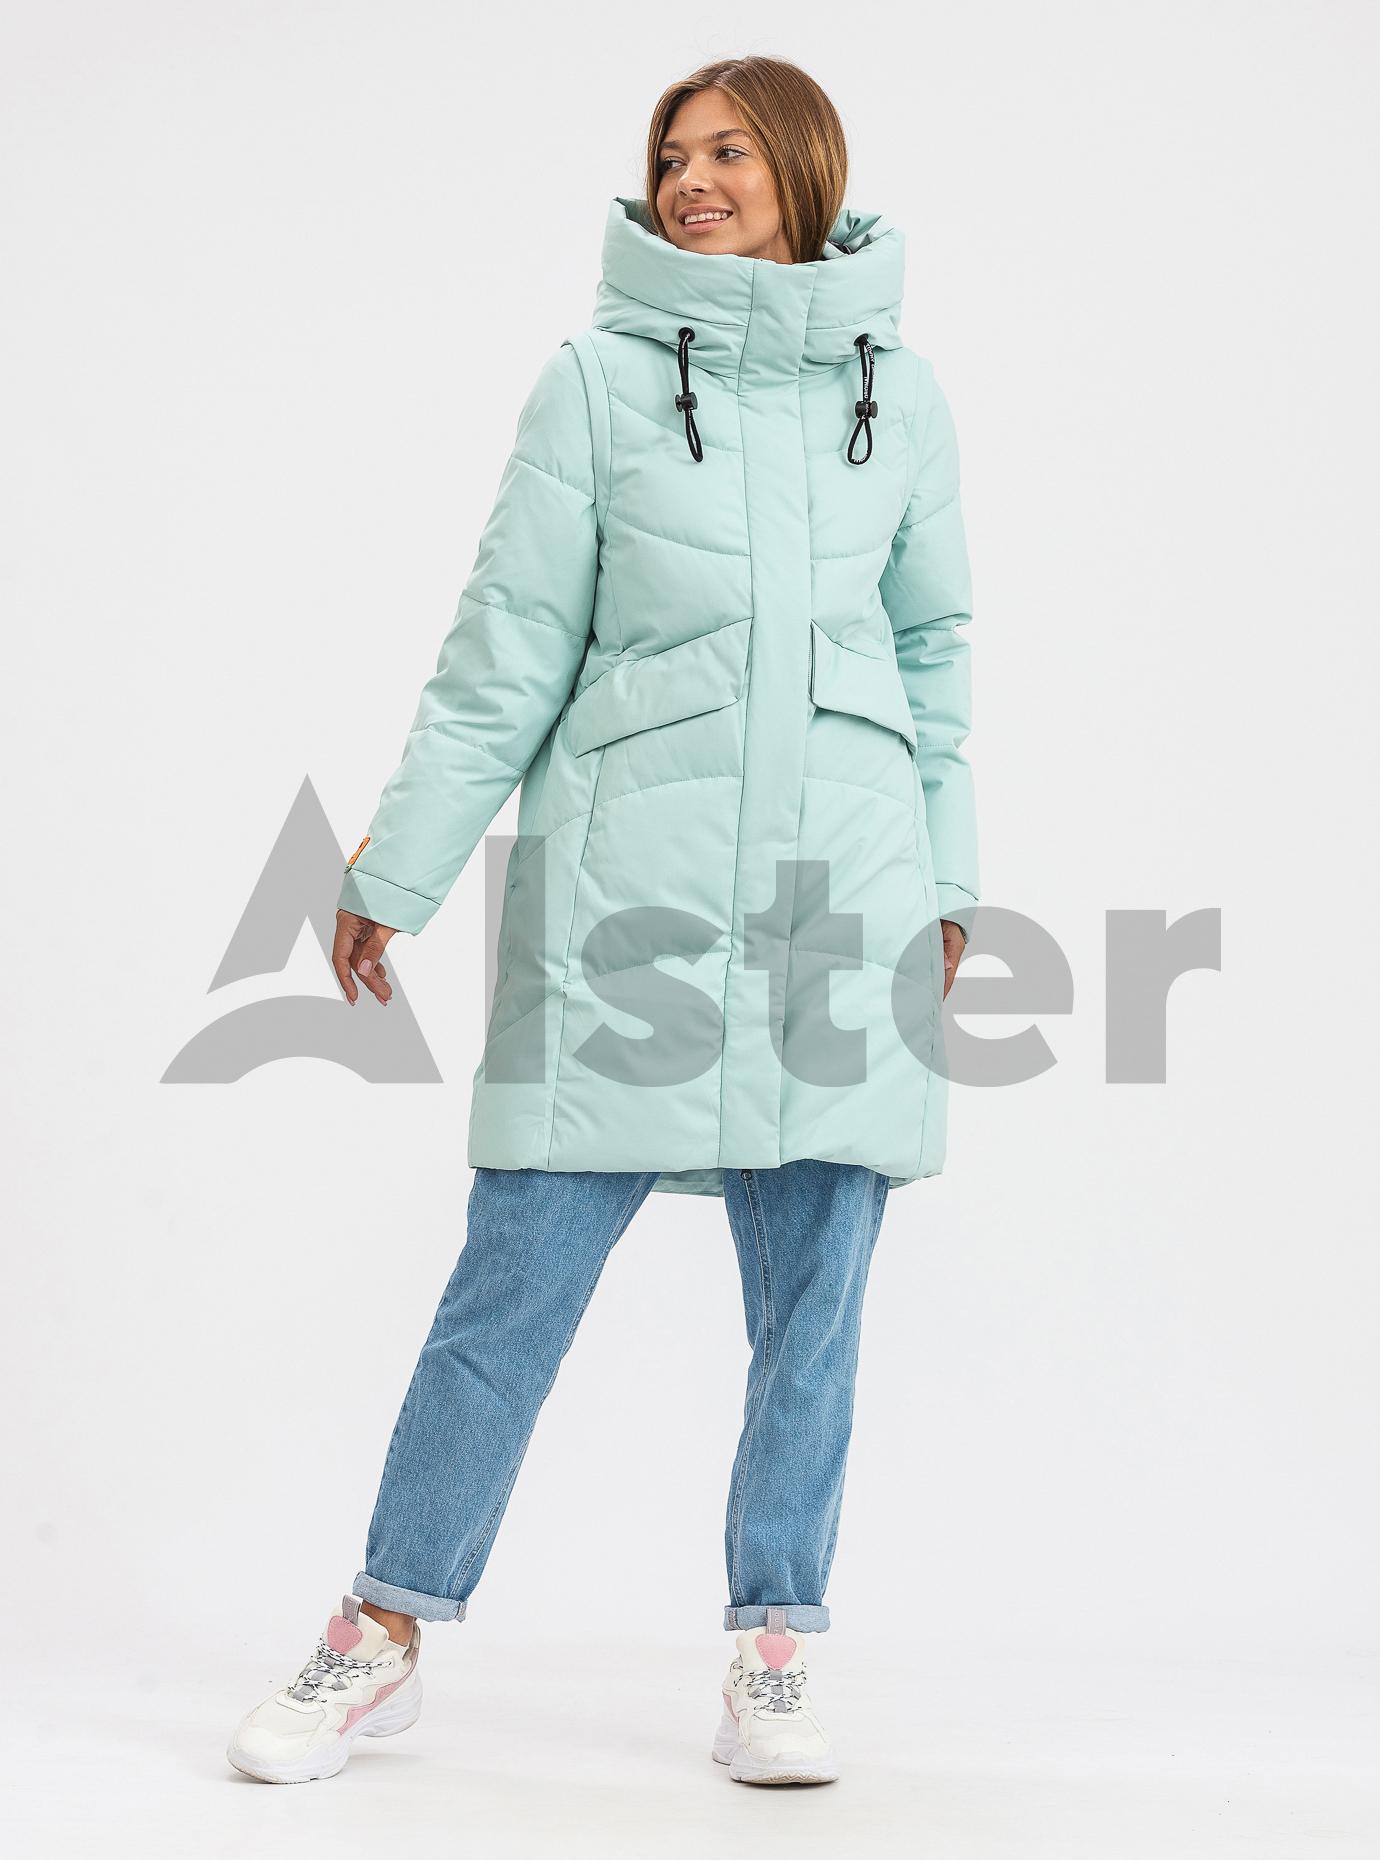 Жіноча зимова куртка трансформер TOWMY М'ята L (TWM3223-08): фото - Alster.ua